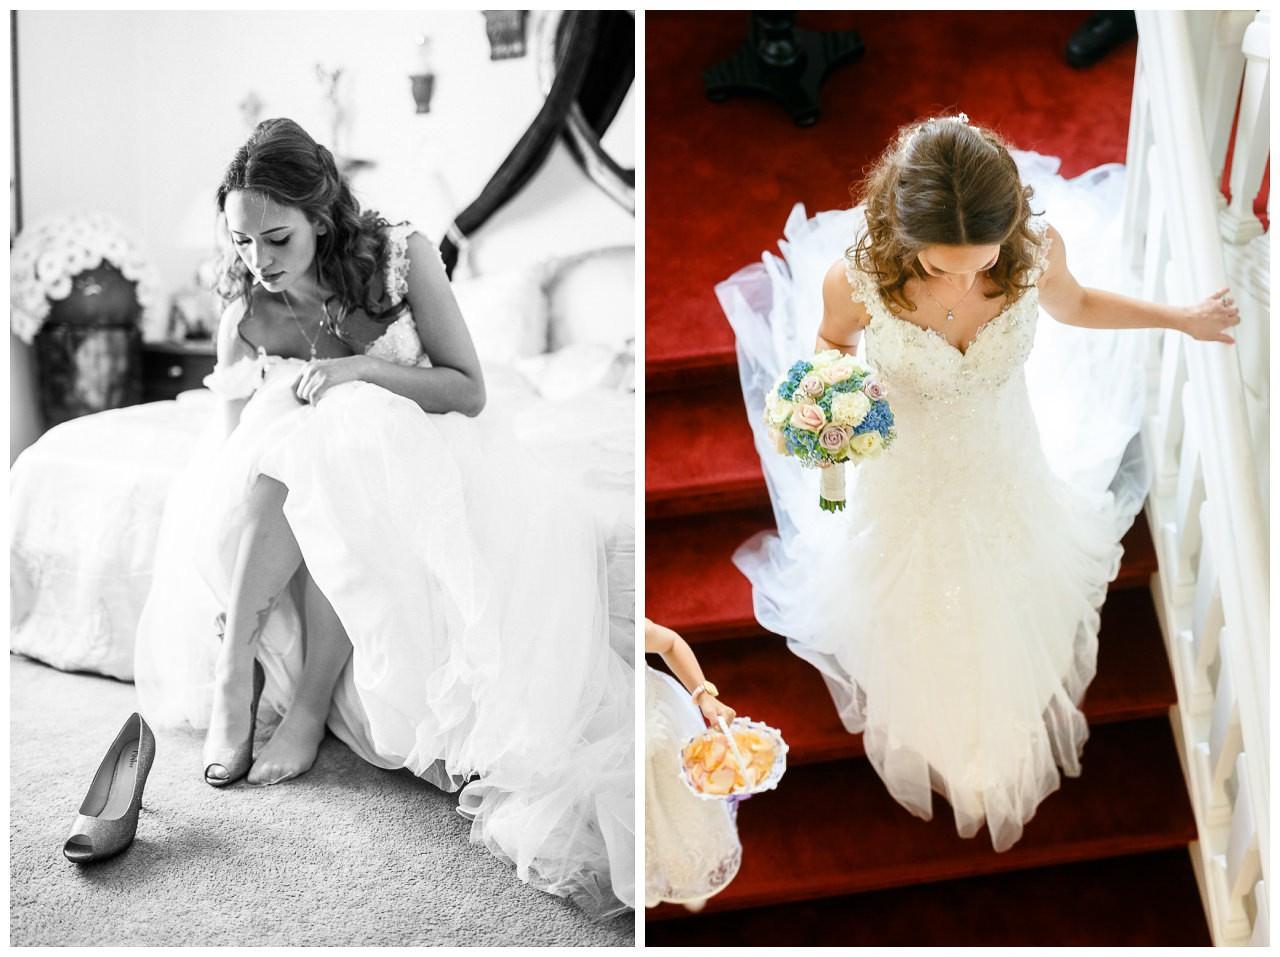 Die Braut zieht ihre Brautschuhe an.